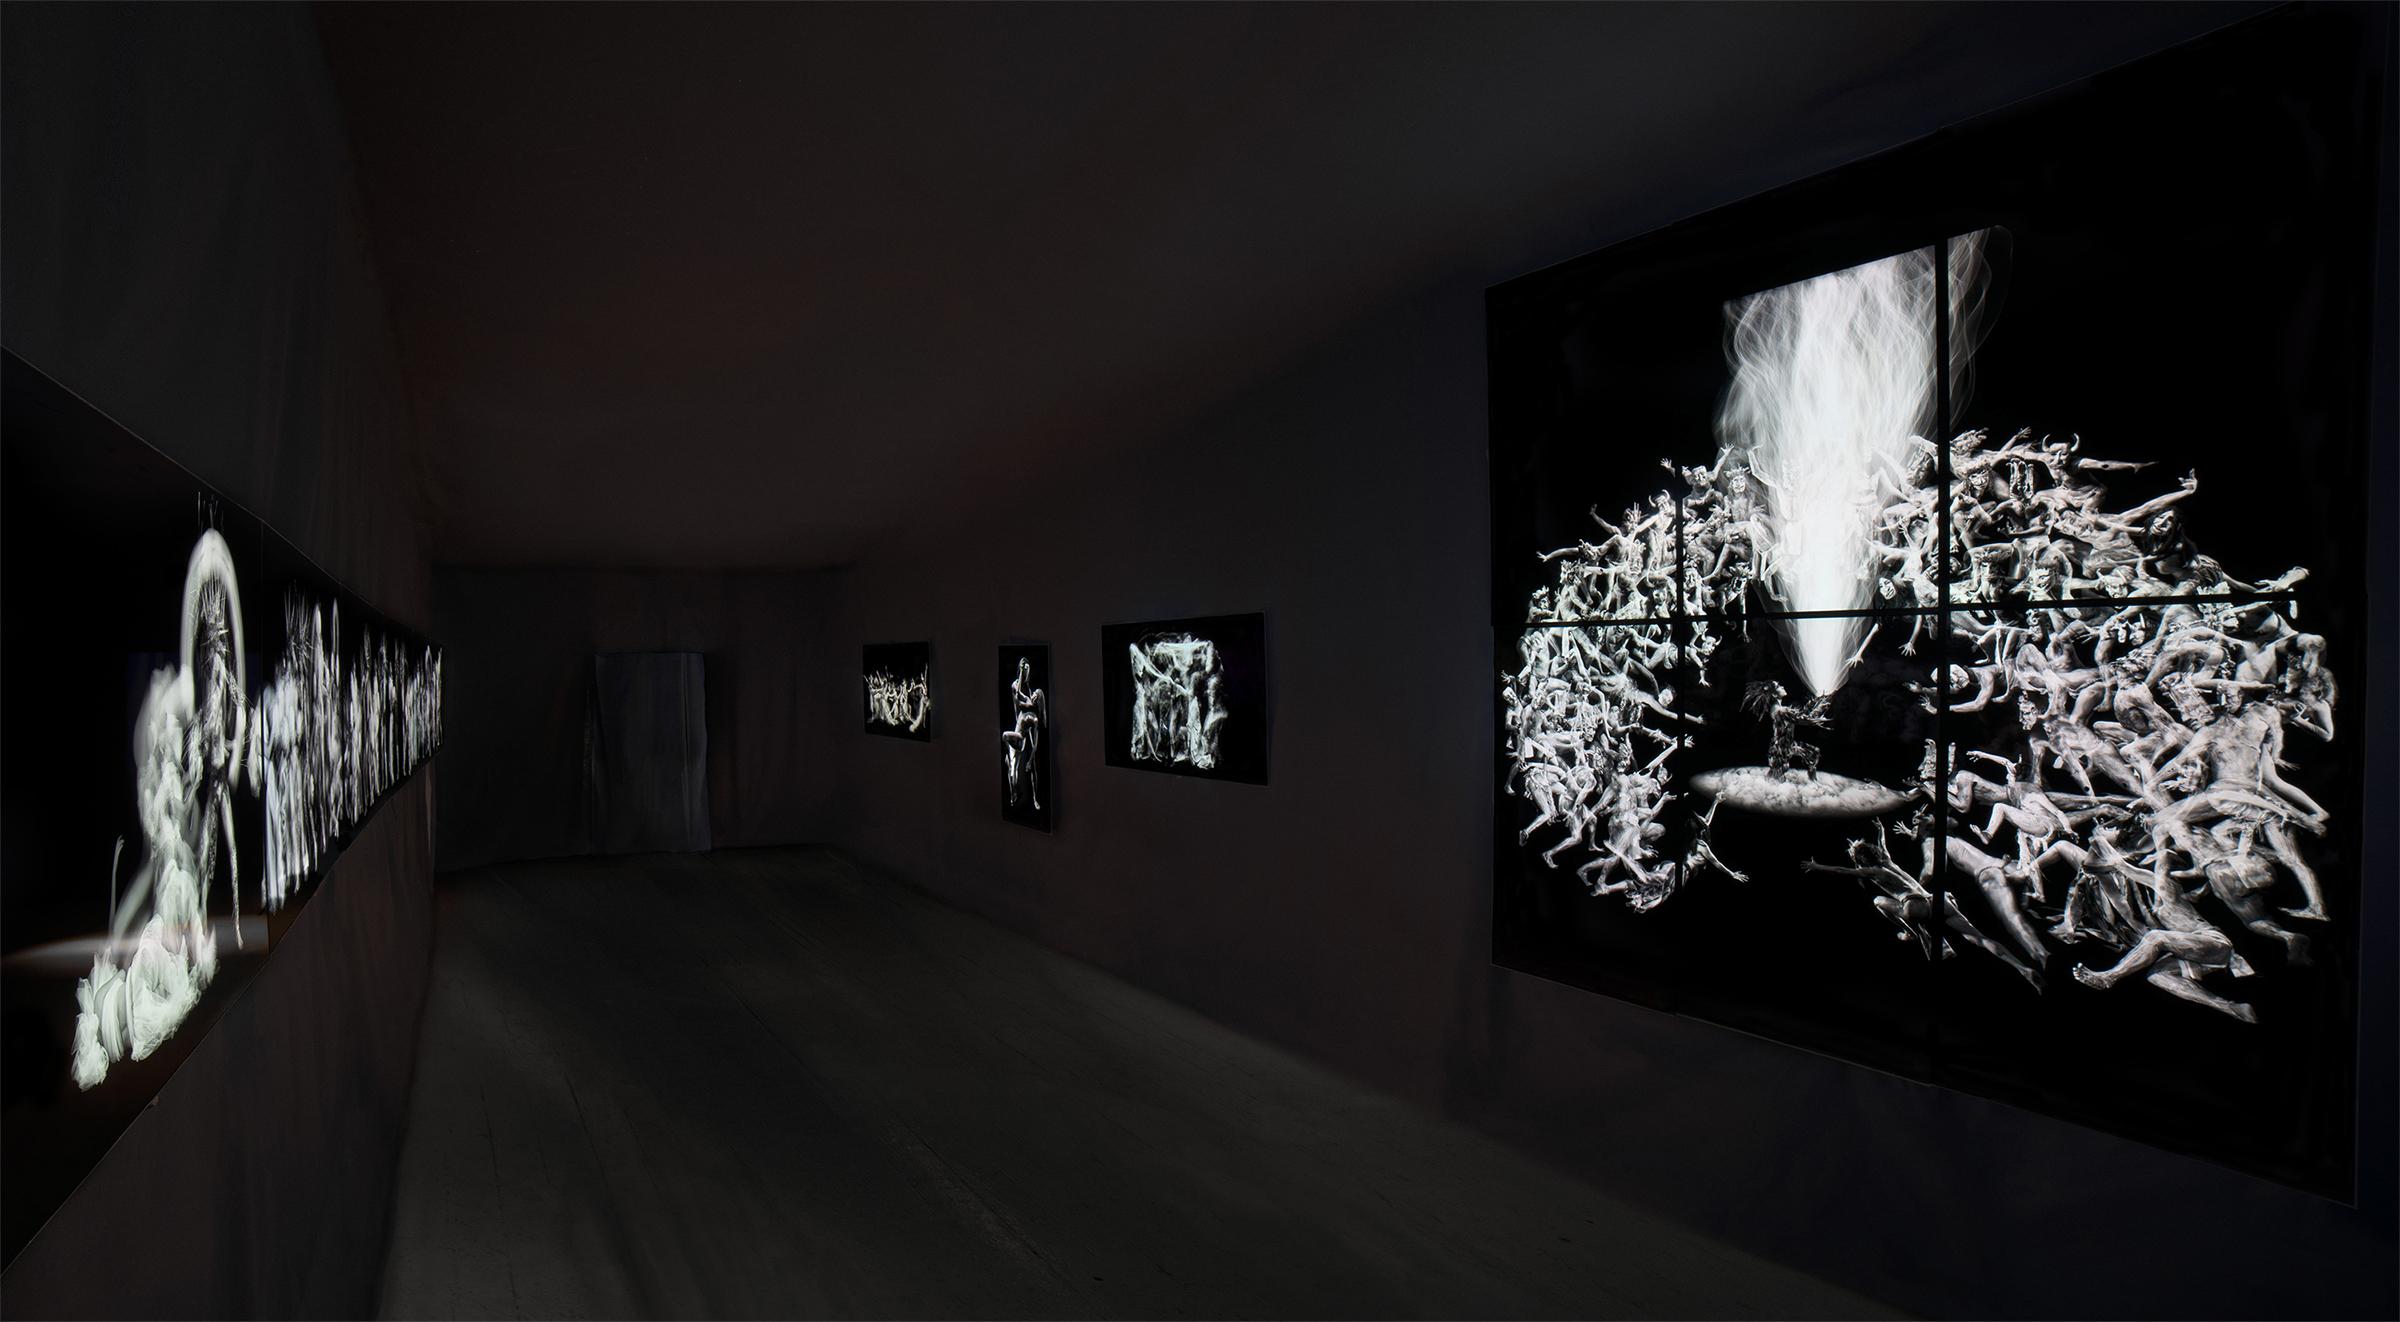 Photo credit: Andrey Kolayda at James Oliver Gallery